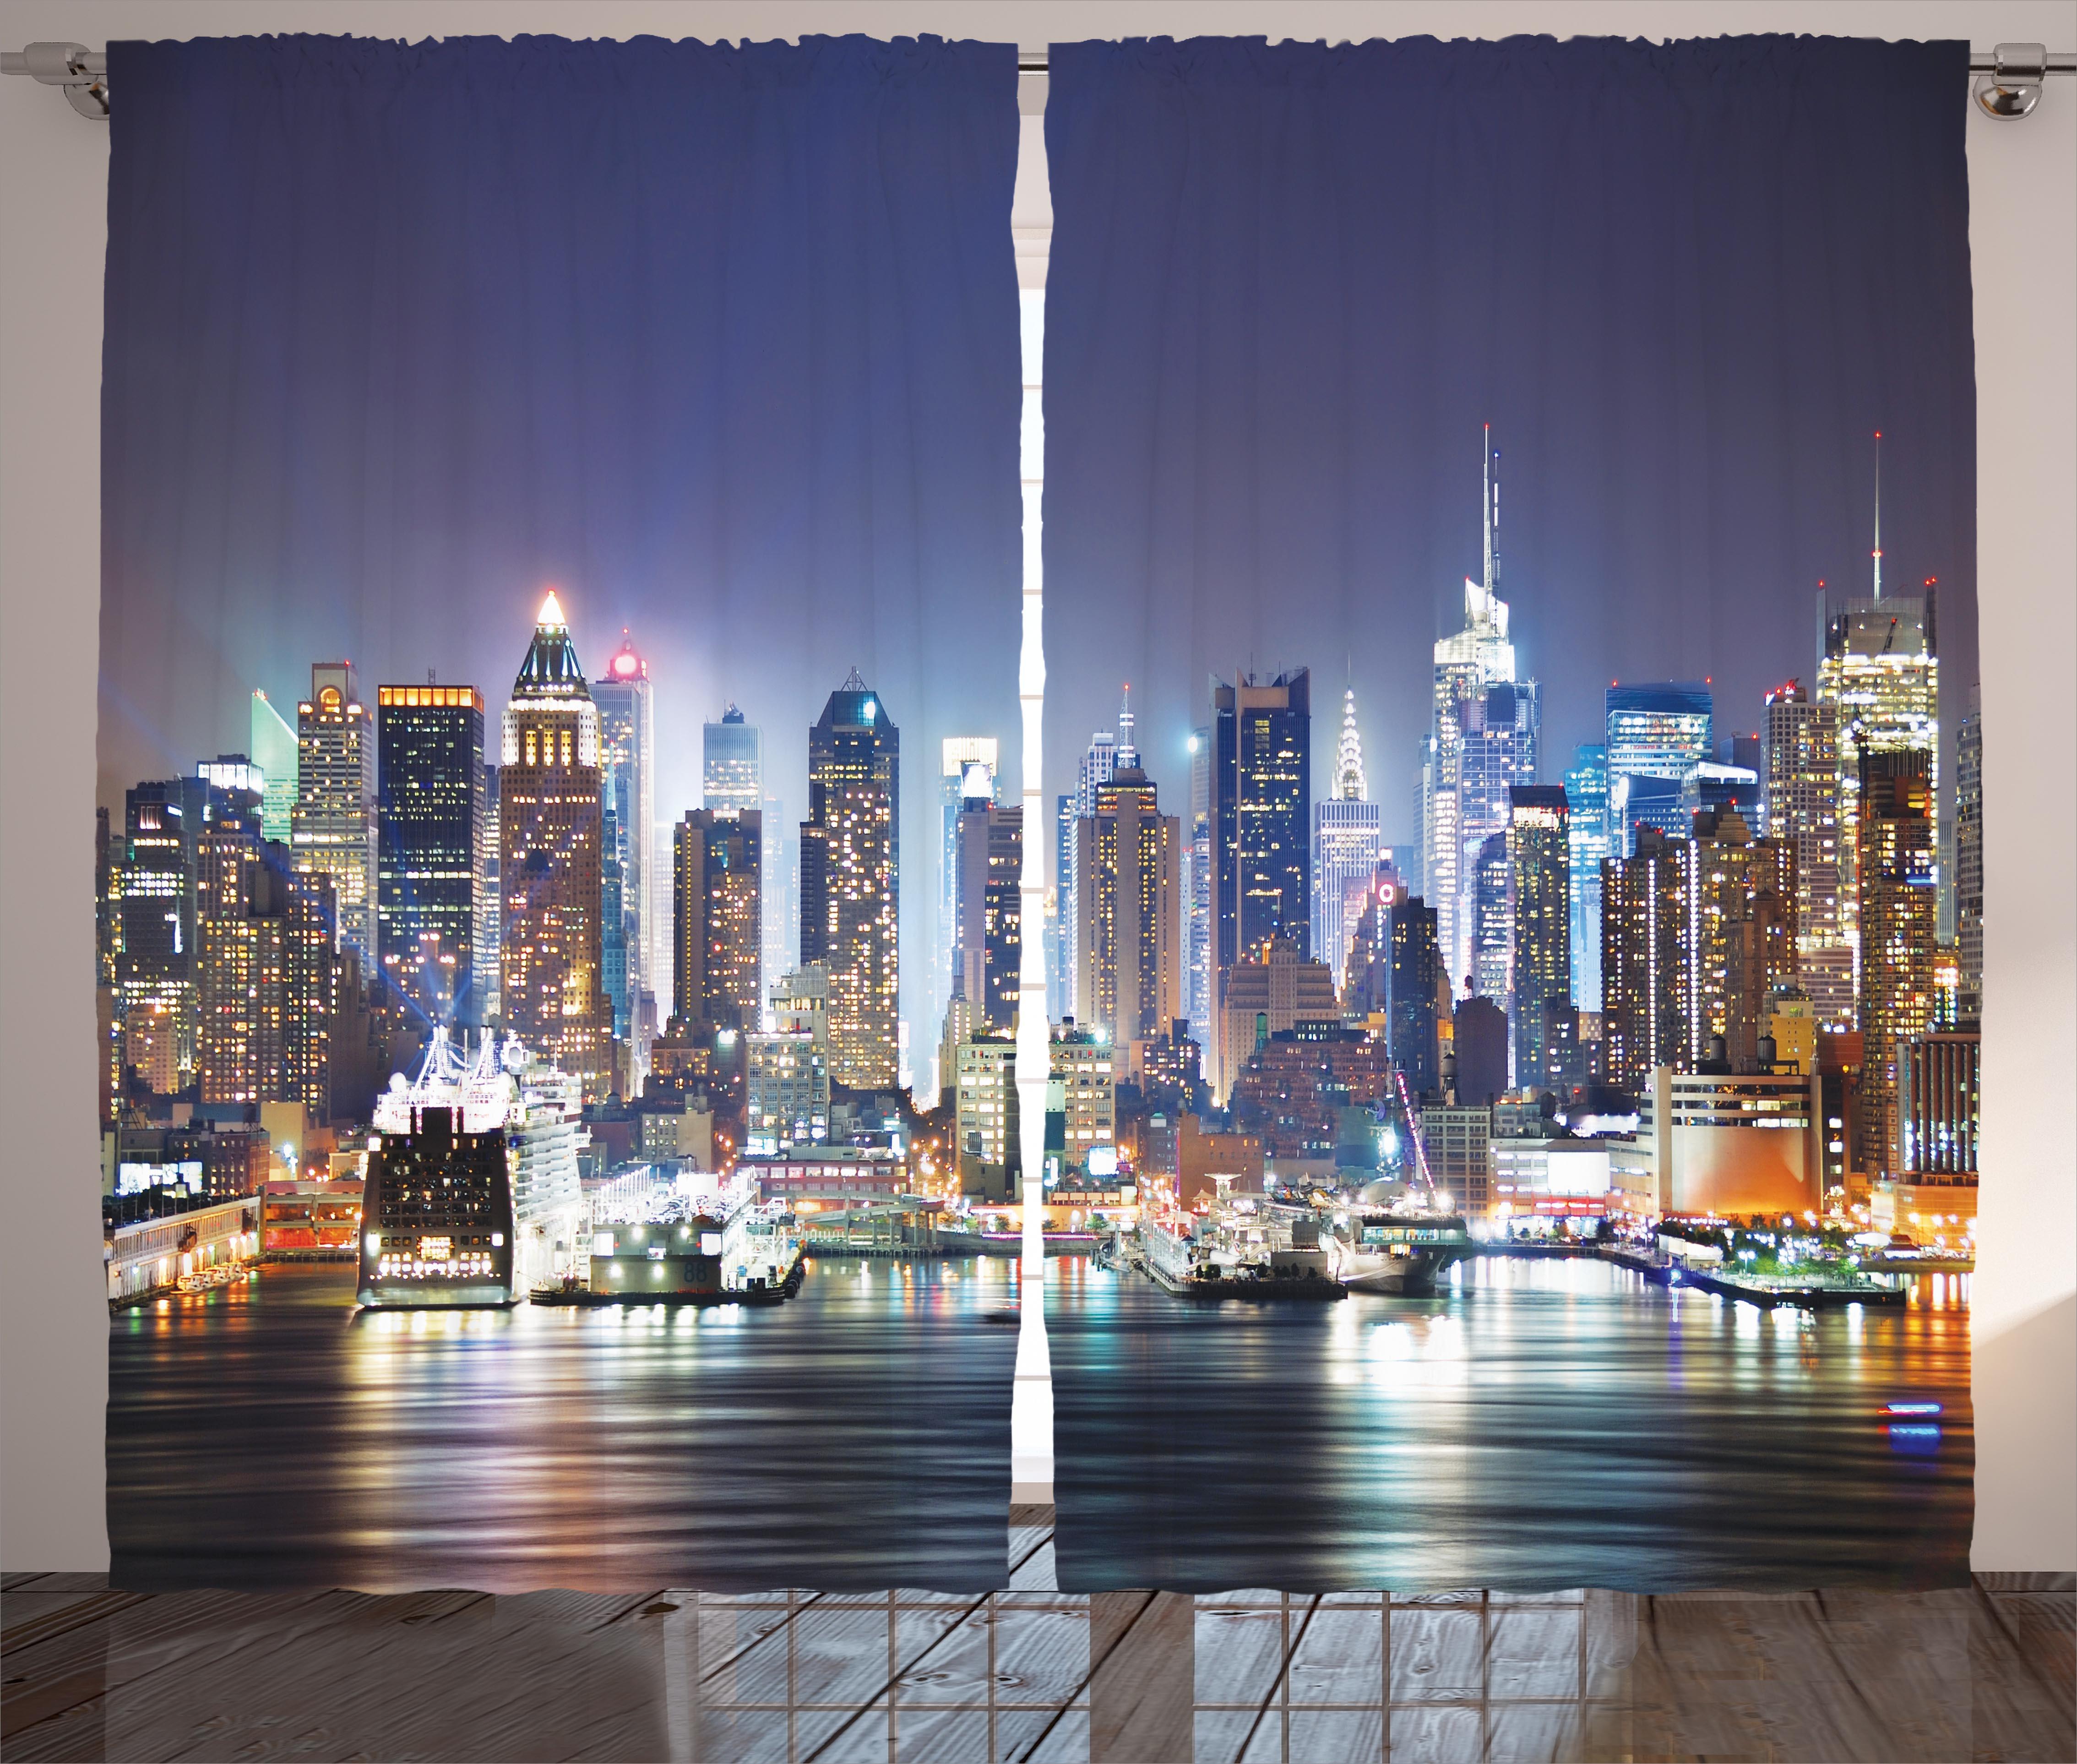 Manhatten New York: New York City Manhattan At Night NYC Skyscraper Art